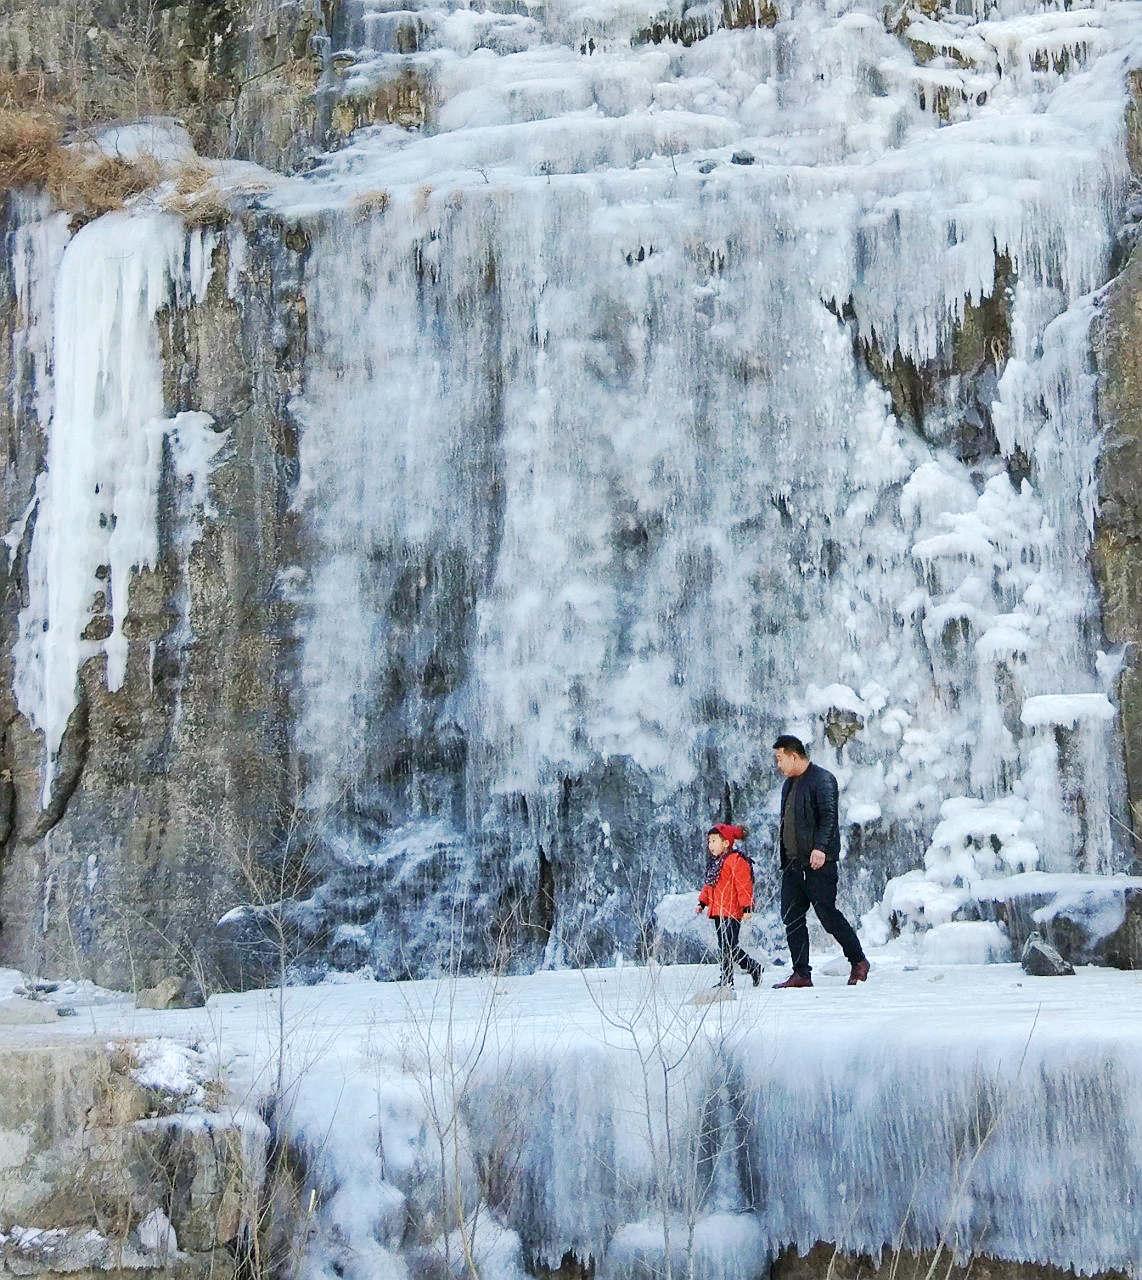 手机拍摄悬崖冰瀑(二)